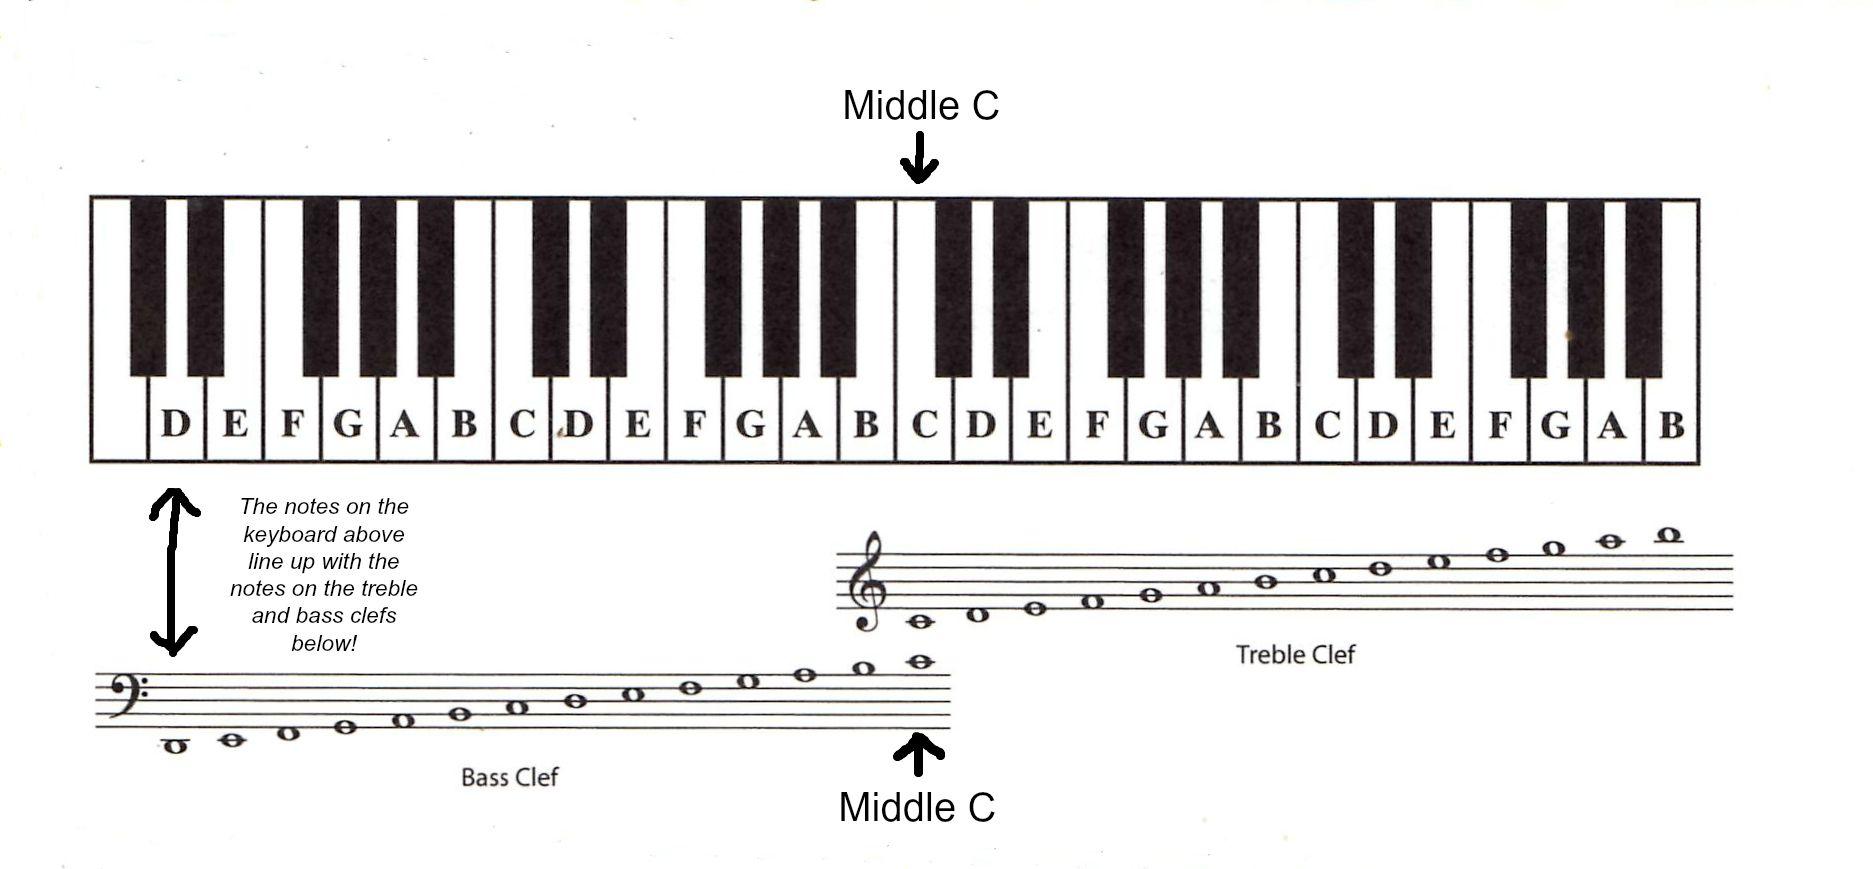 4c2ce47985a79dd477ee165a1d49de2f.jpg (1873×869) | Piano sheet ...